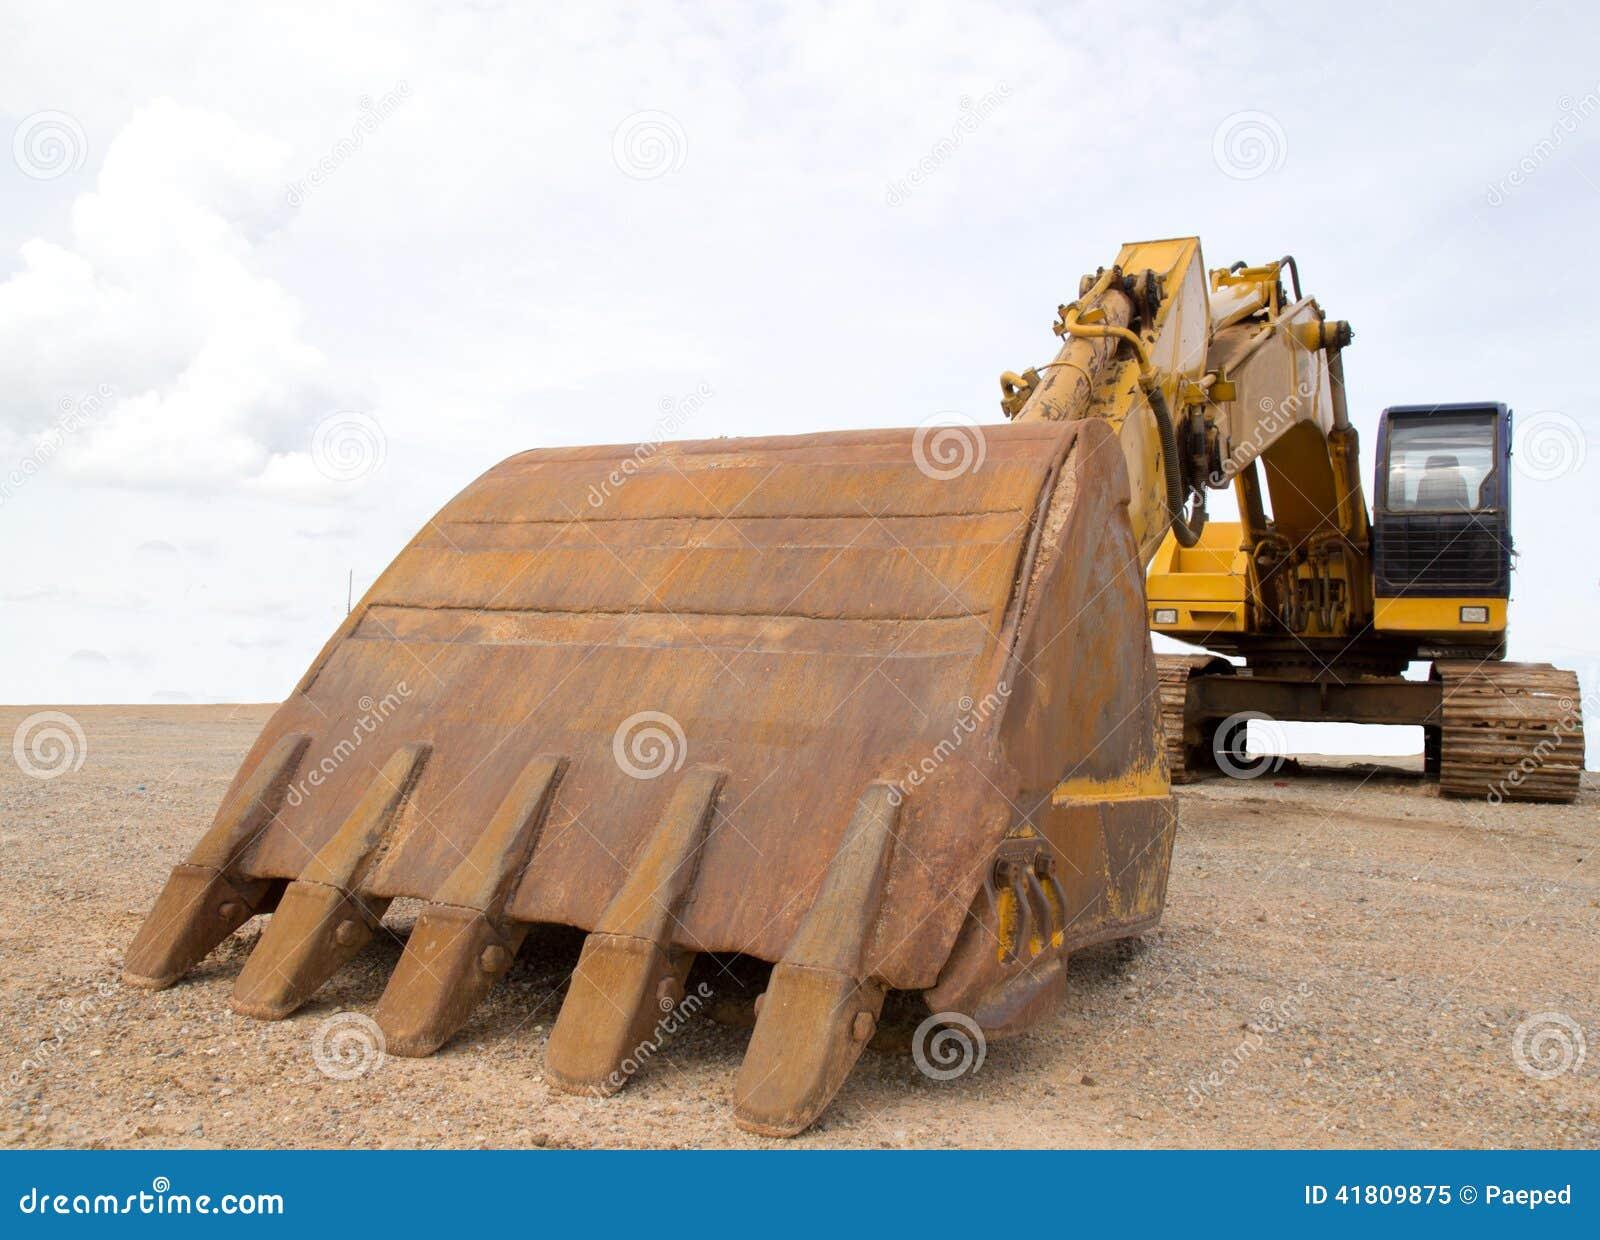 Heavy Duty Construction : Backhoe heavy equipment construction zone royalty free